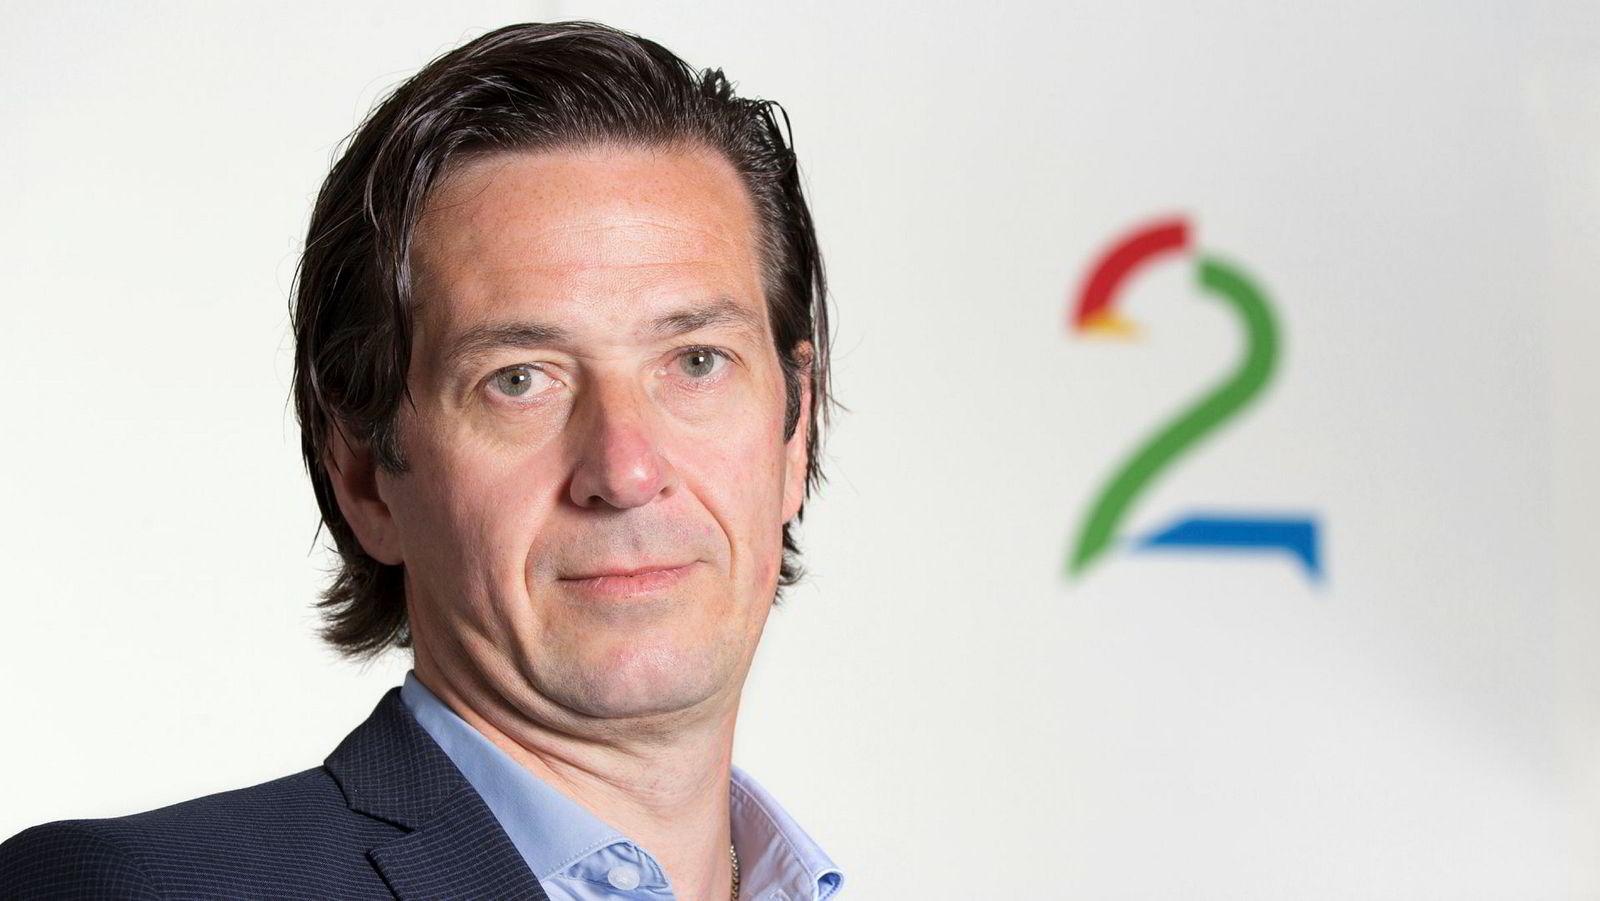 Salgs- og markedsdirektør Bjørn Gunnar Rosvoll i TV 2.